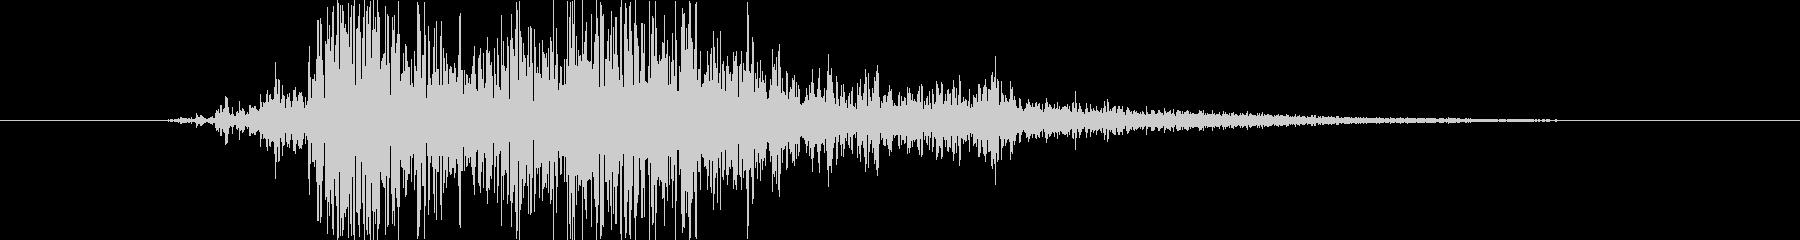 中世 ボウショットファイア02の未再生の波形